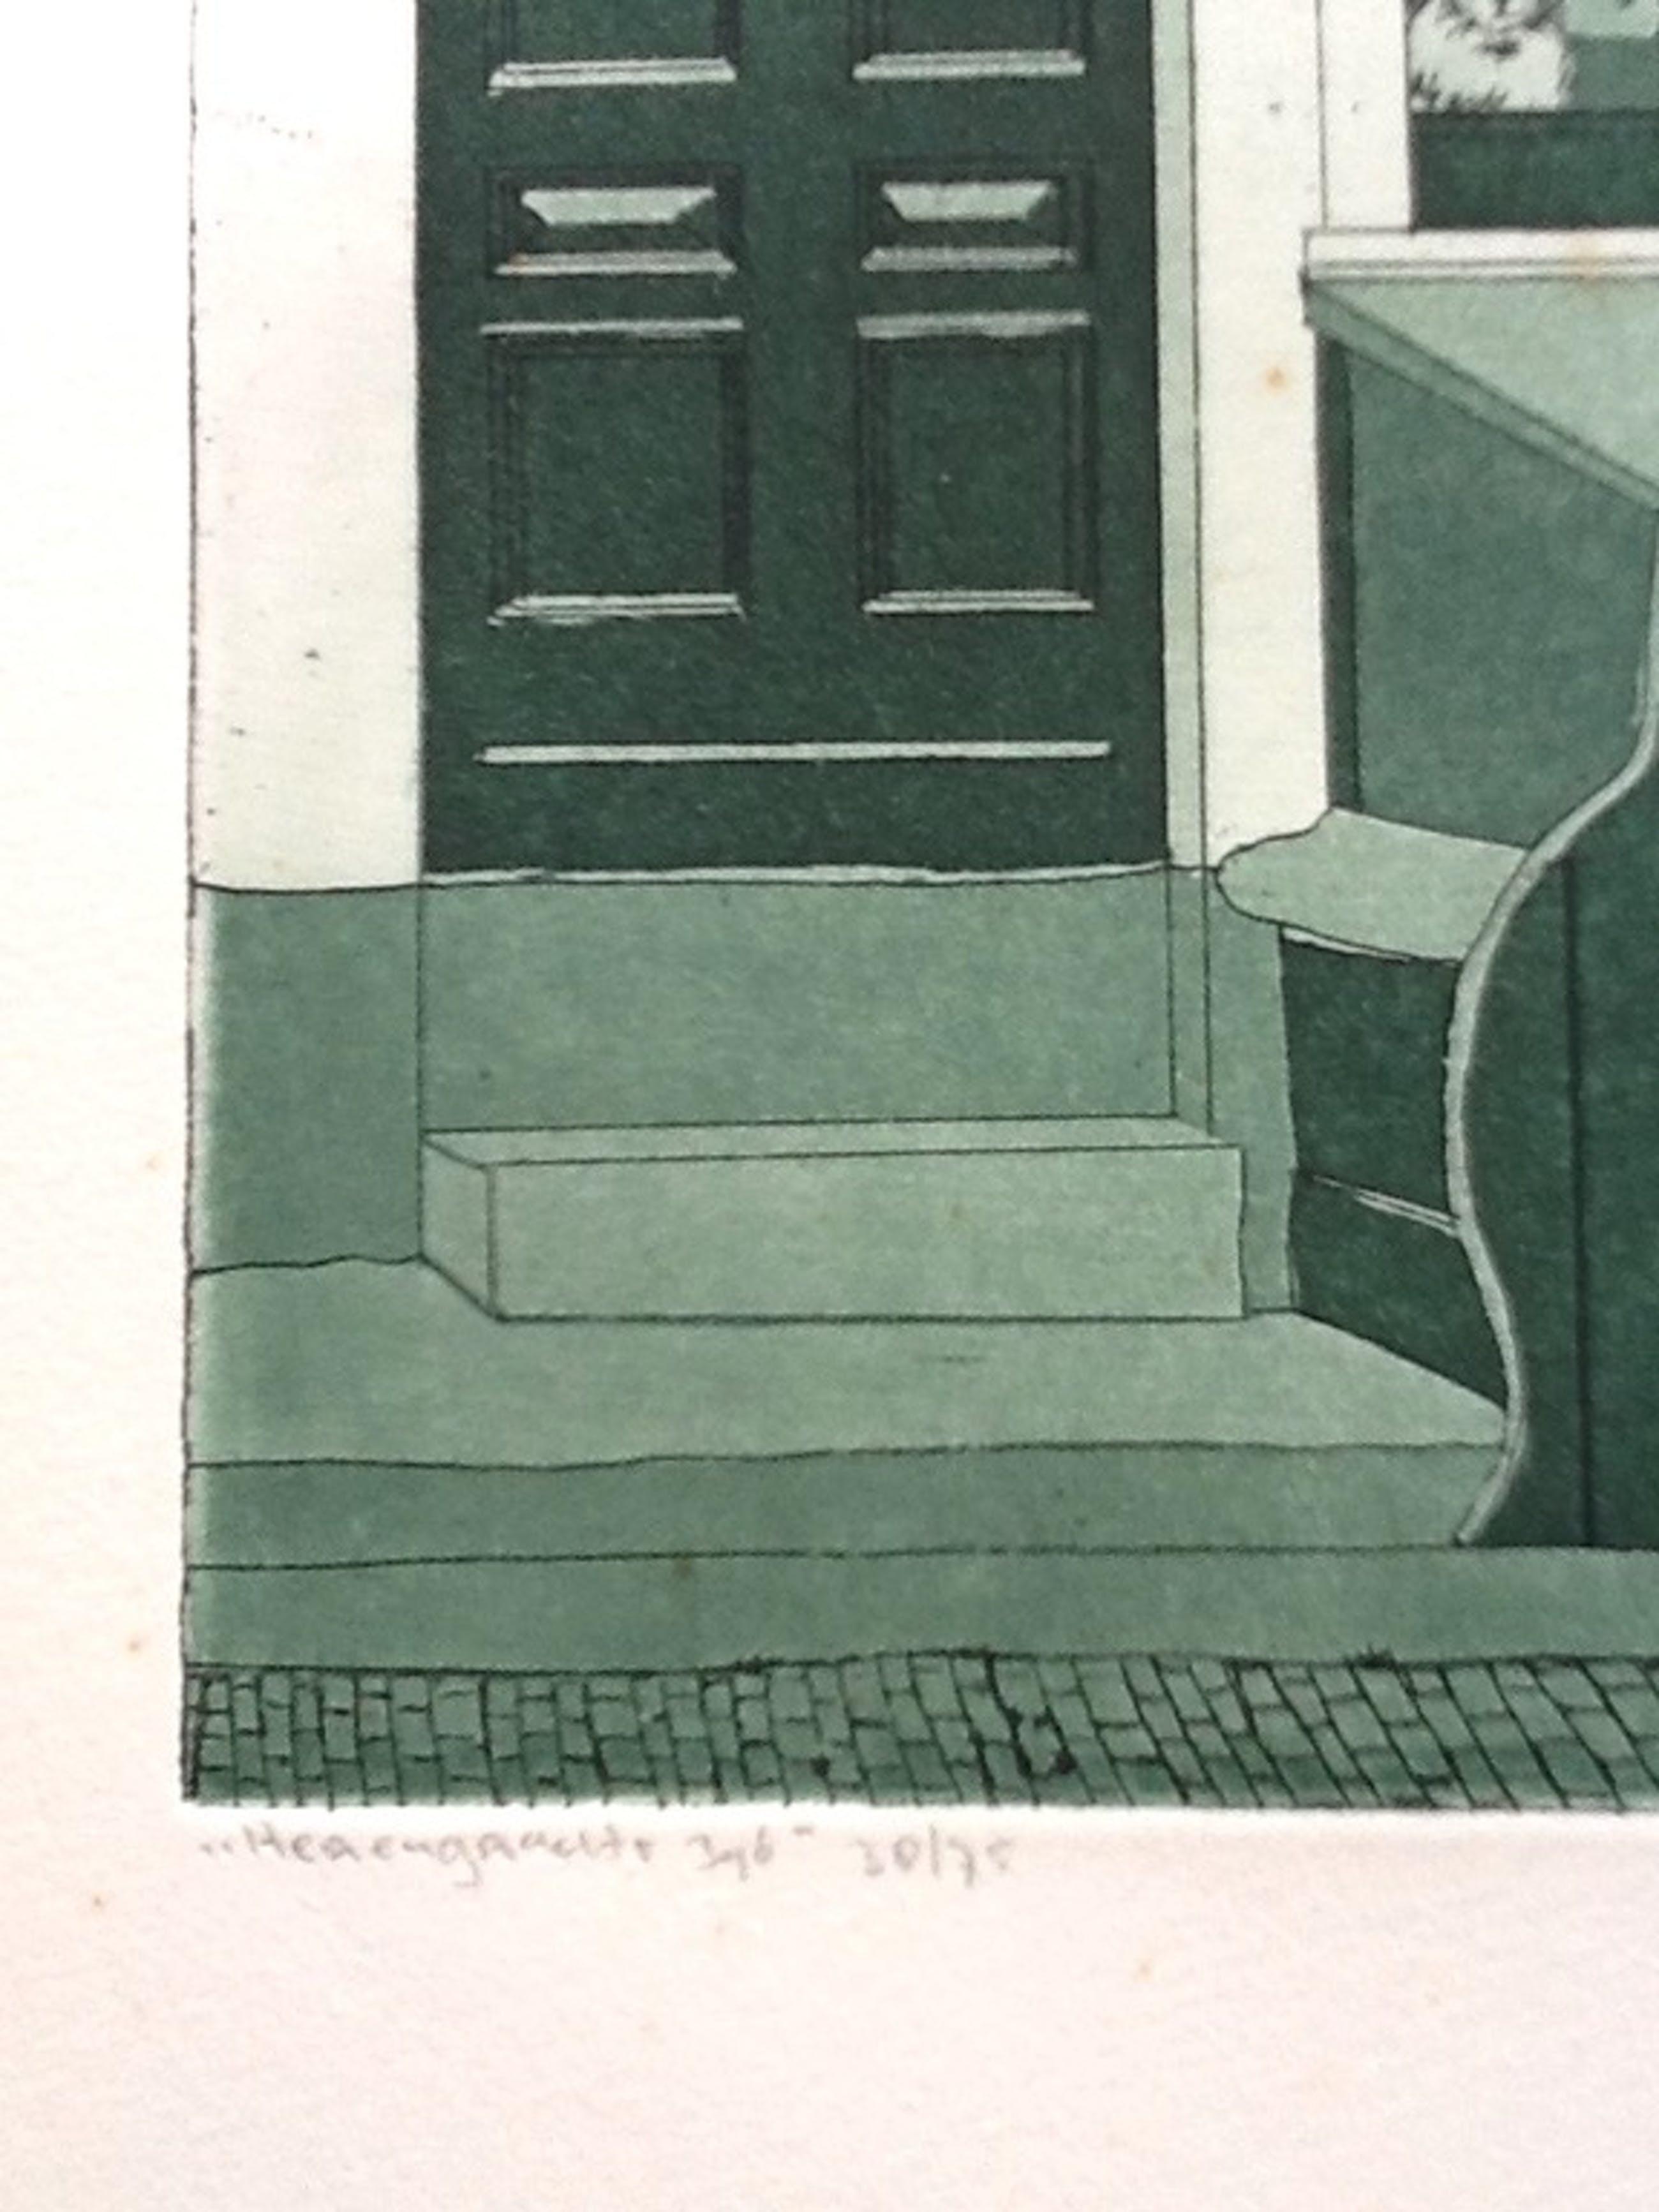 Lucie Meulendijks, ets en aquatint,Herengracht Amsterdam, gesigneerd,38/75 kopen? Bied vanaf 25!